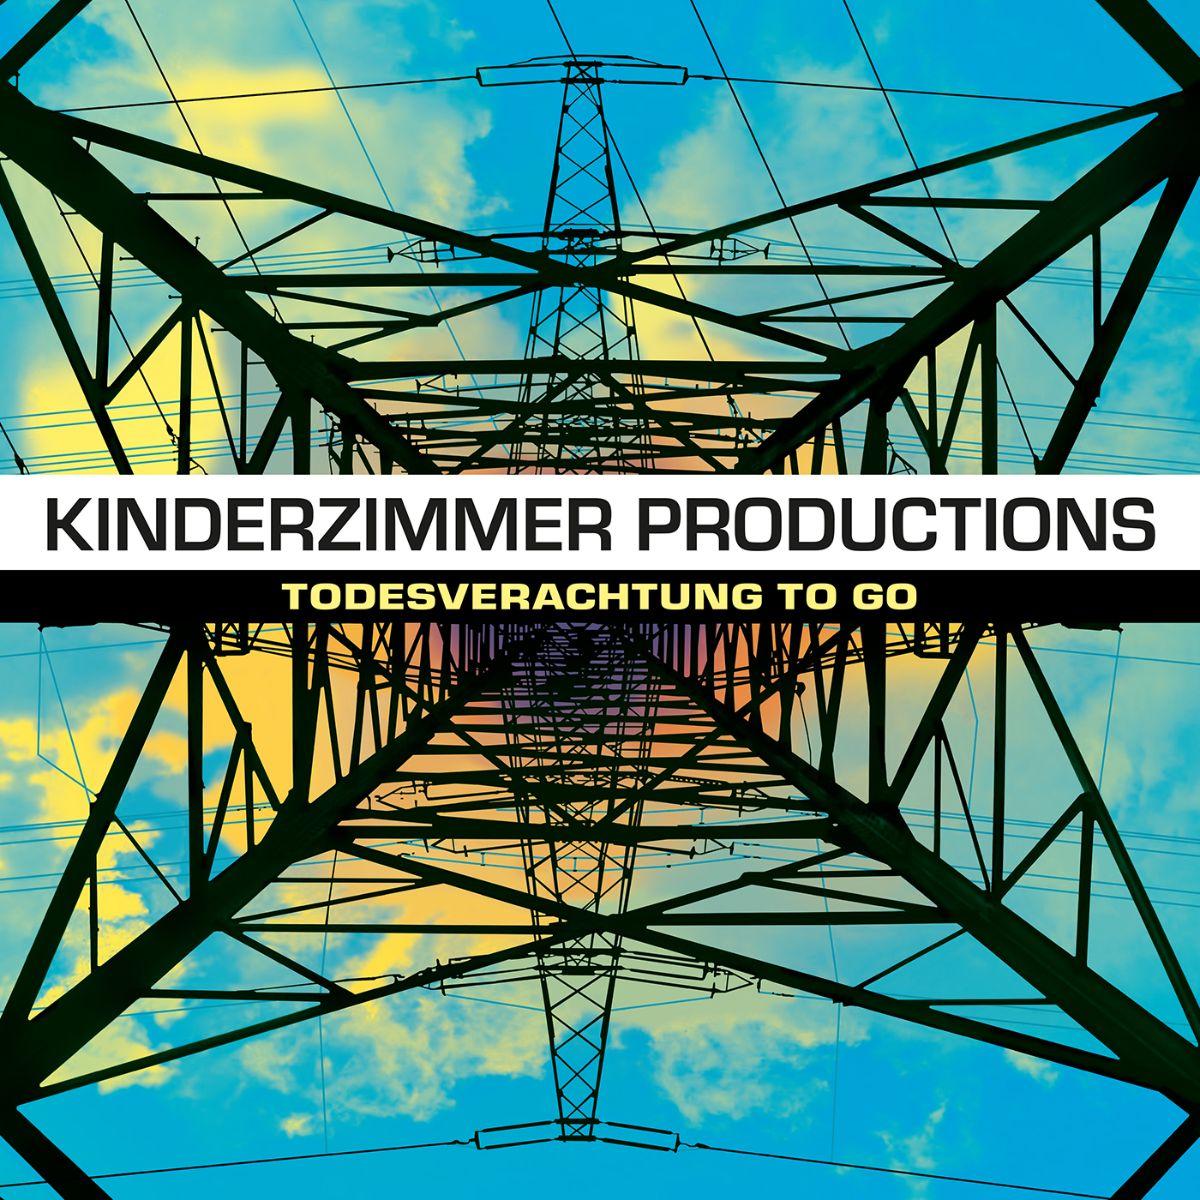 Kinderzimmer Productions. Neues Album auf Grönland am 17.01.2020